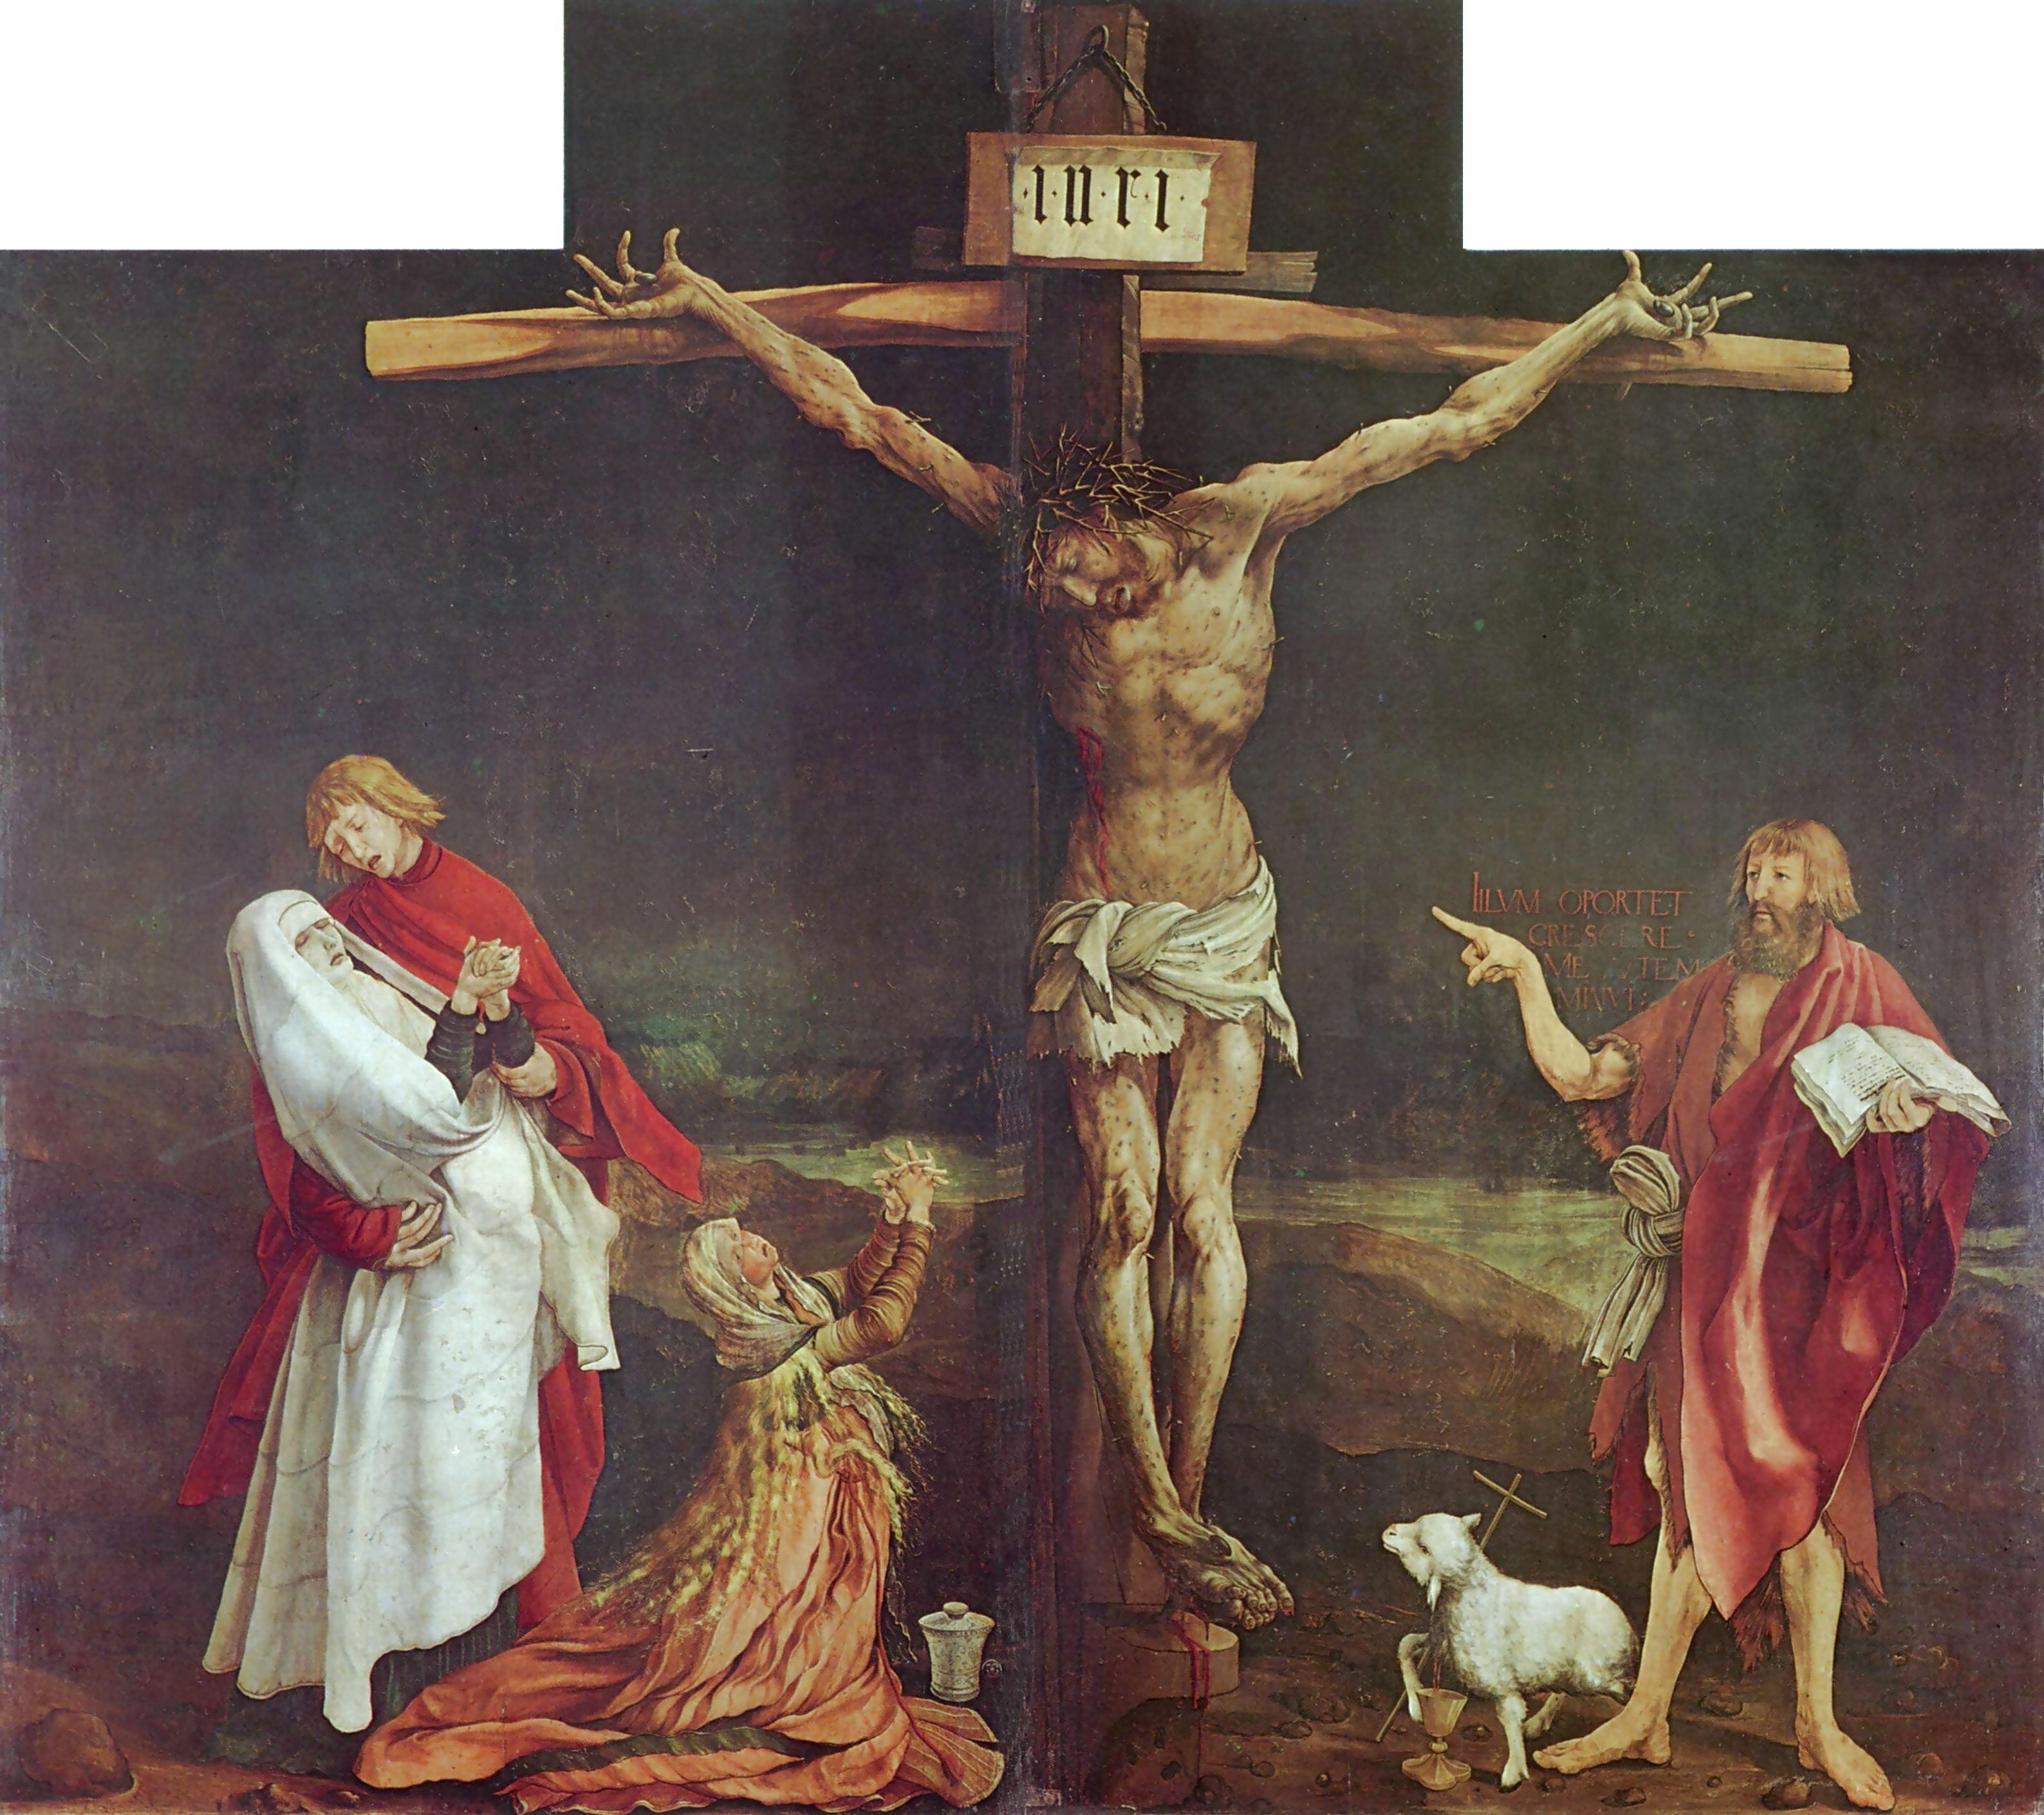 Grunewald (1512-1516 the-crucifixion-detail-from-the-isenheim-altarpiece musee Unterlinden Colmar